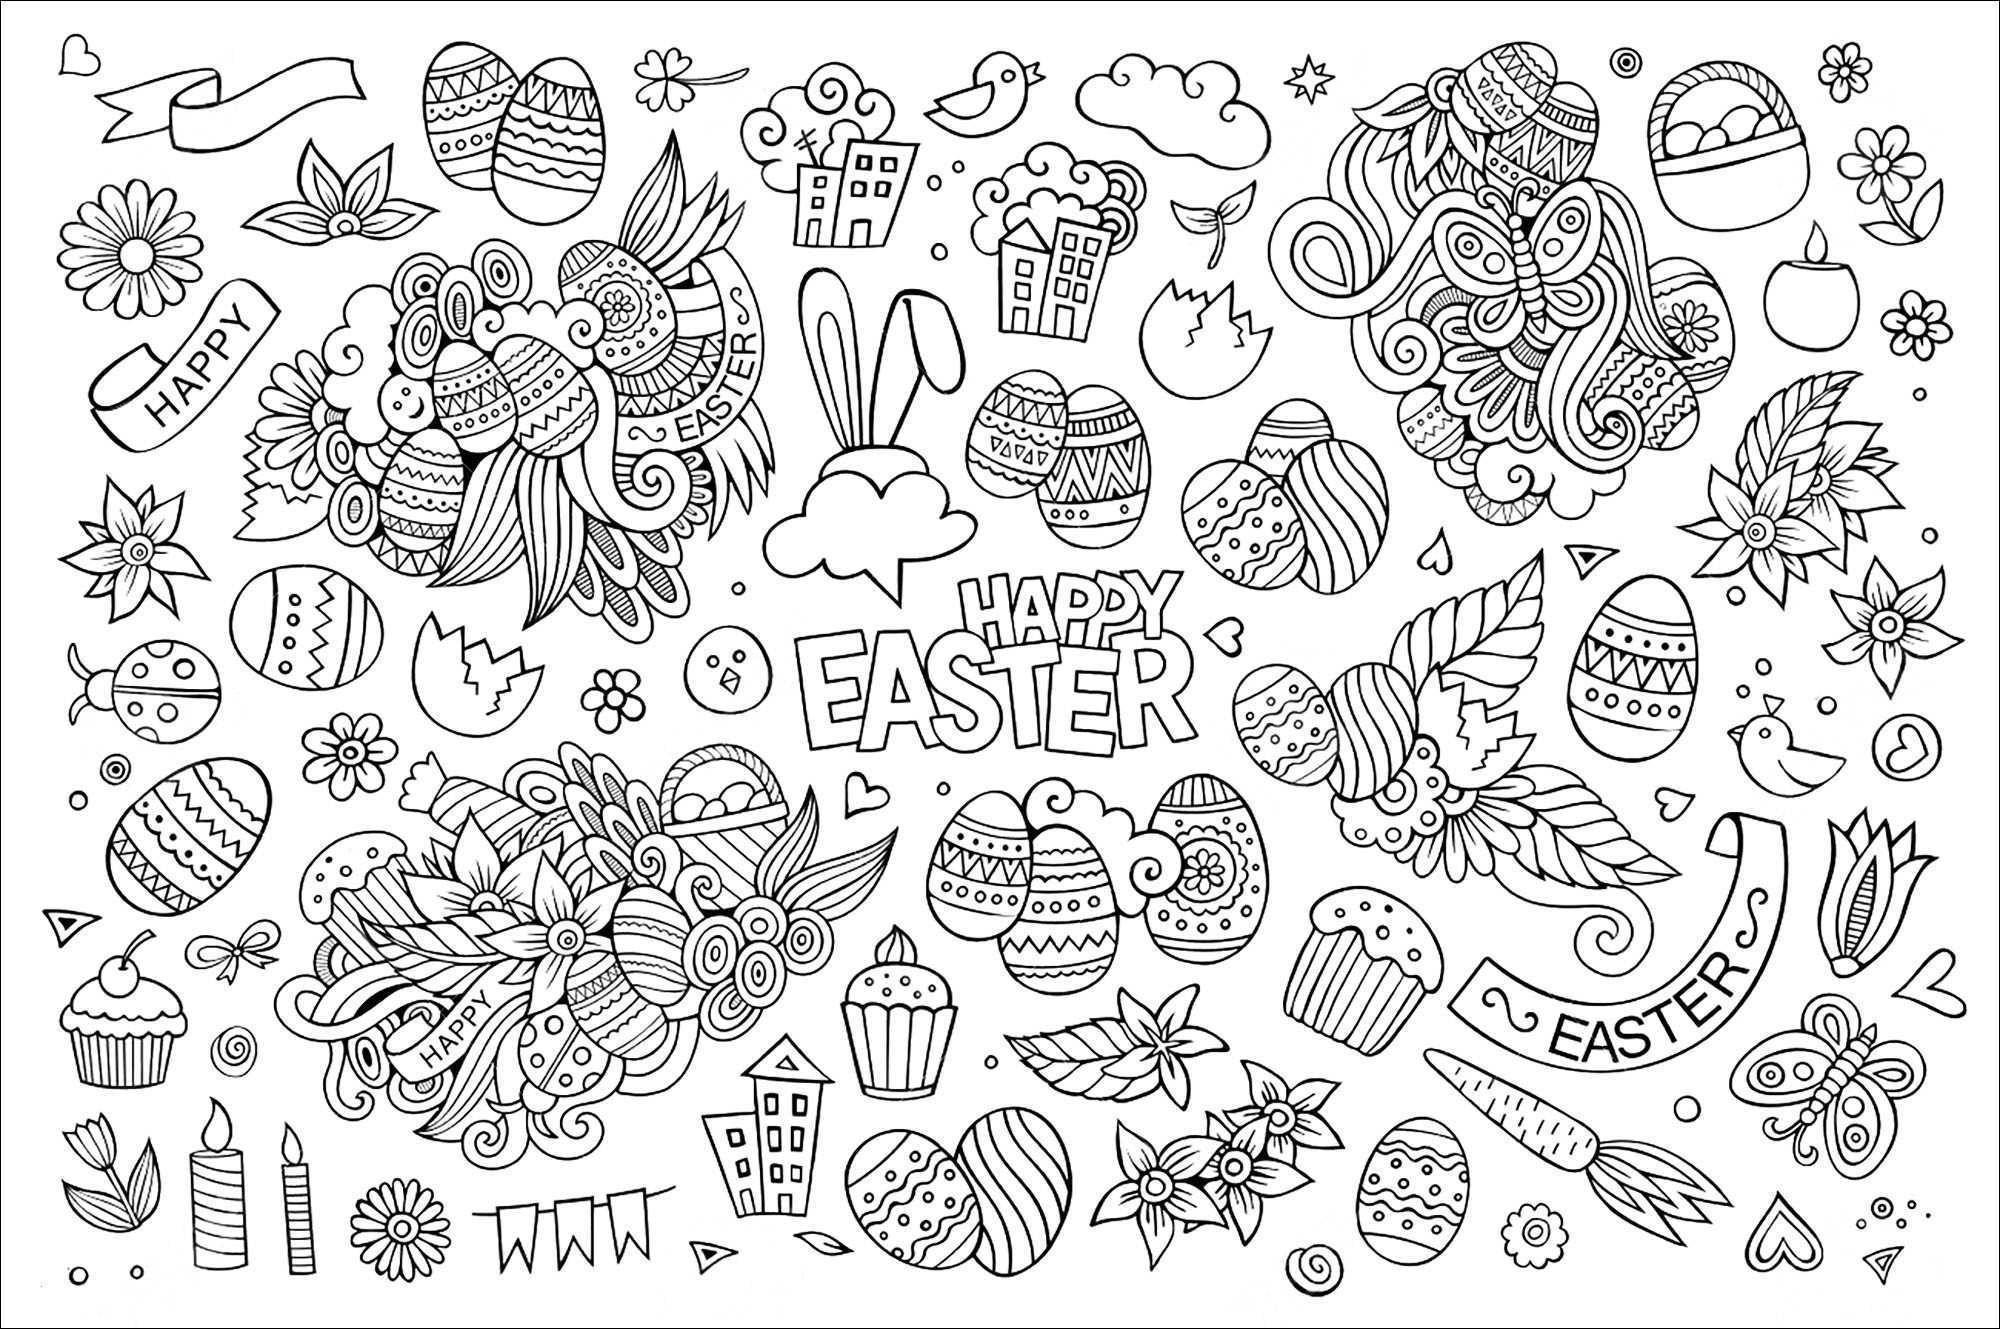 Ausmalbilder Bugs Bunny Einzigartig Malvorlagen Bugs Bunny 33 Kollekte Ausmalbilder Zum Ausdrucken Stock